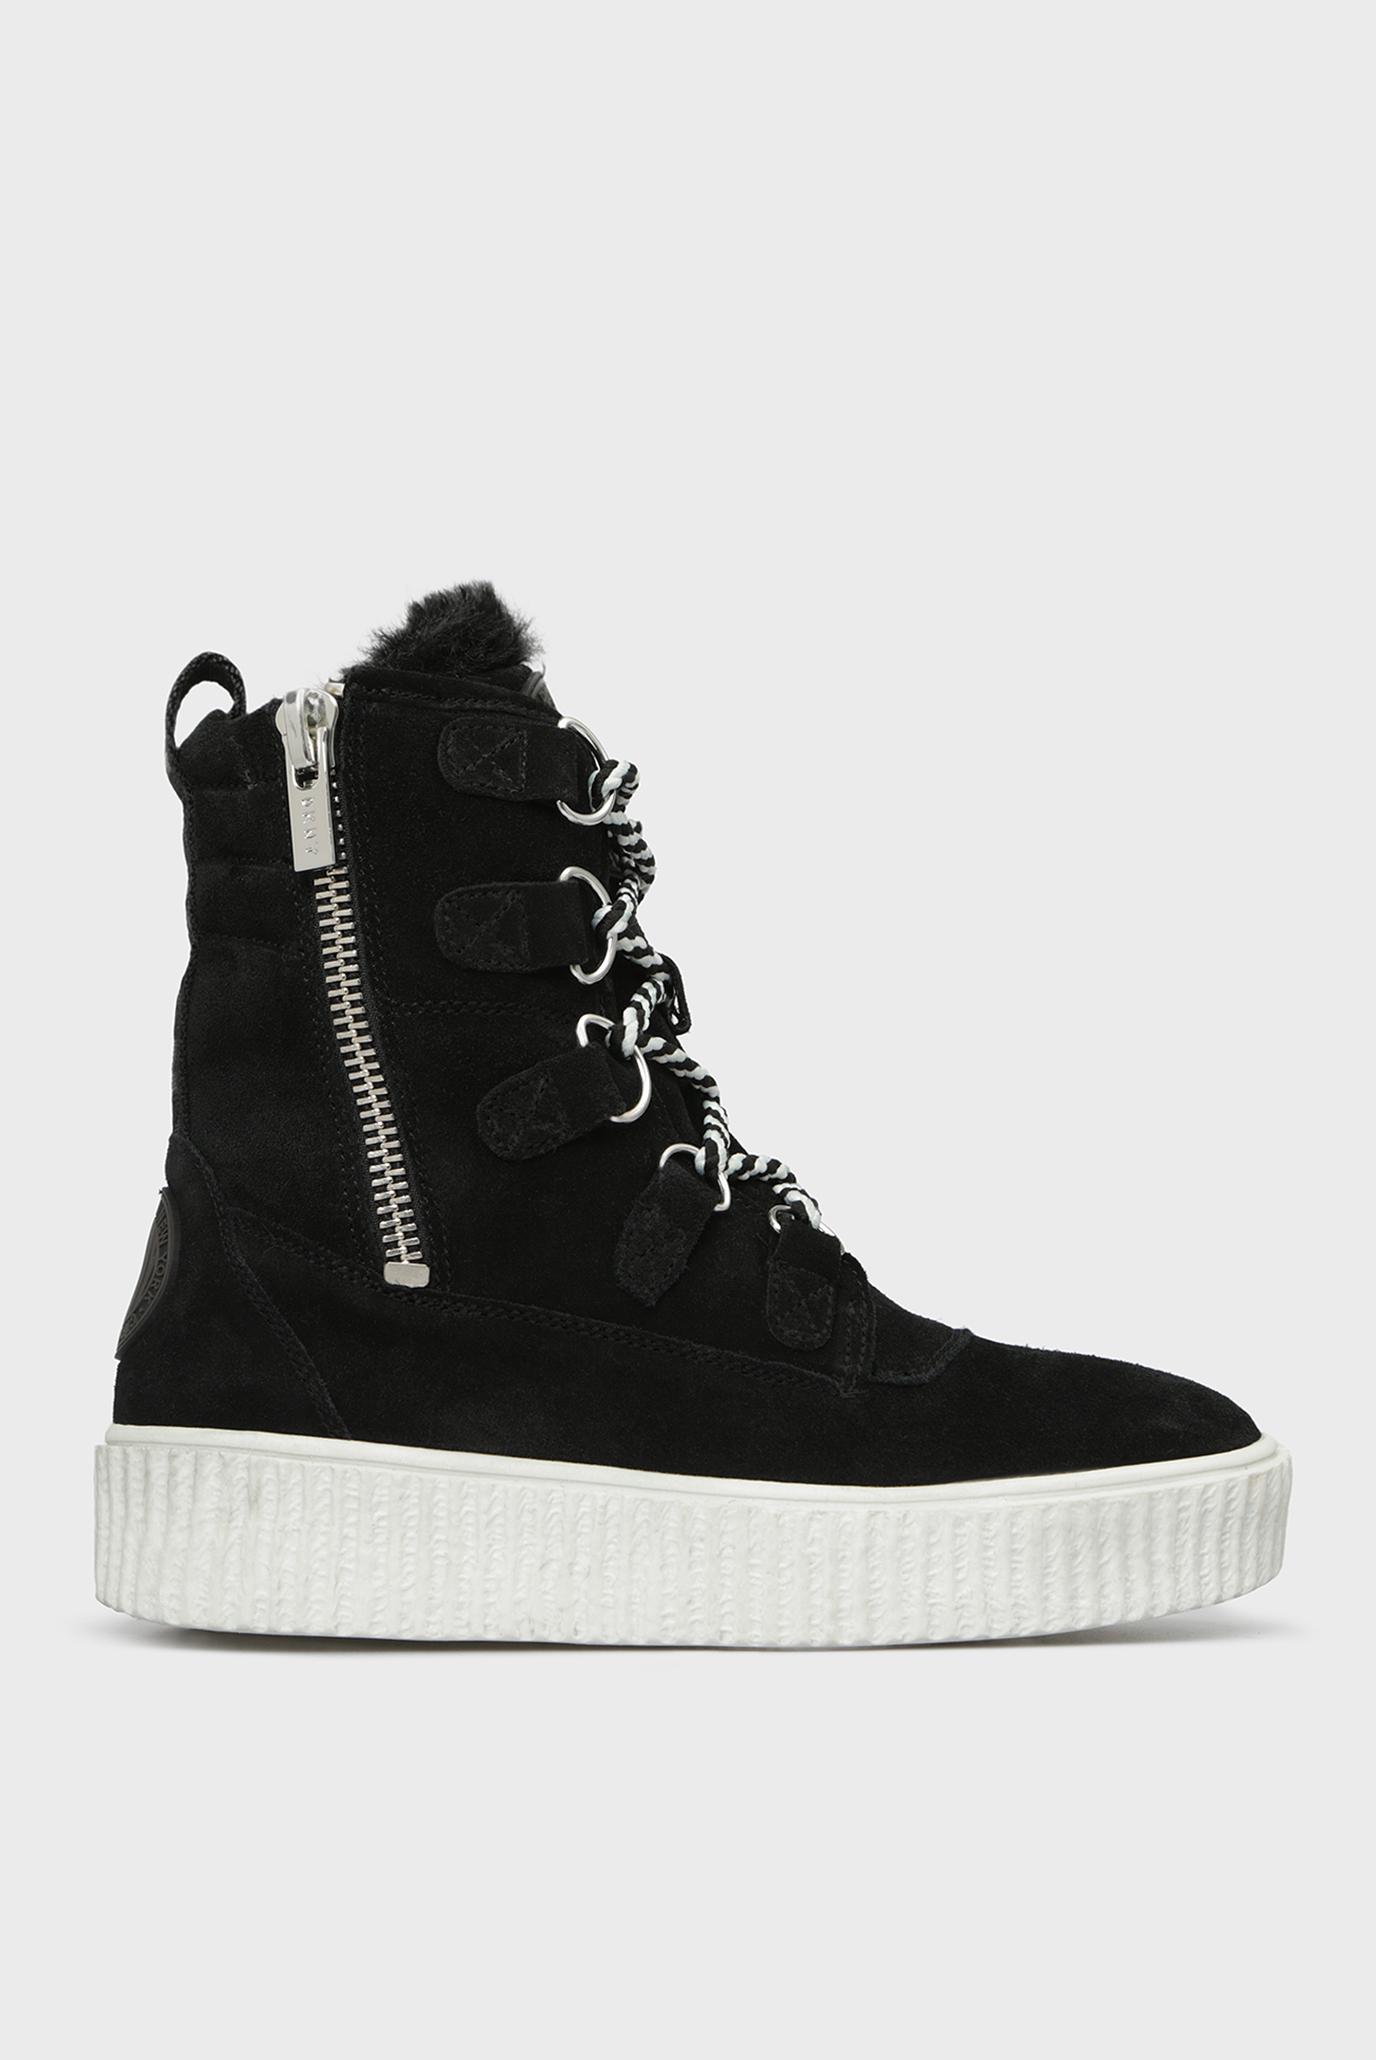 Купить Женские черные замшевые ботинки MONTREAL DKNY DKNY K3820995 – Киев, Украина. Цены в интернет магазине MD Fashion